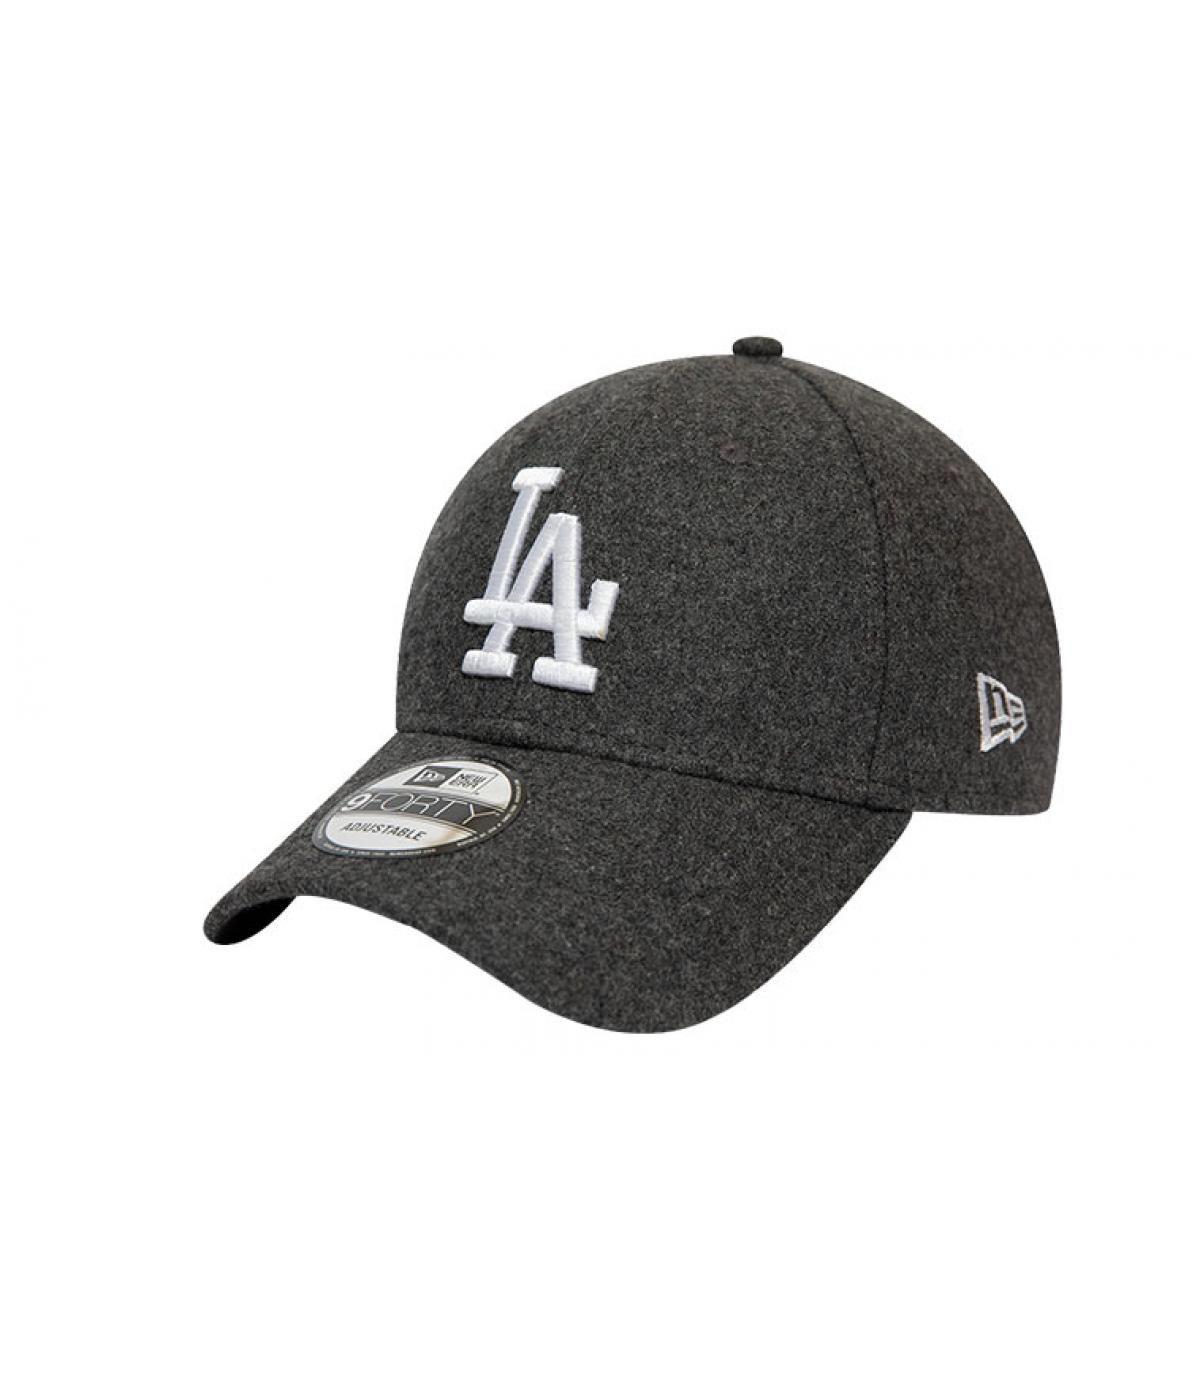 Details MLB Melton LA 940 graphite - afbeeling 2